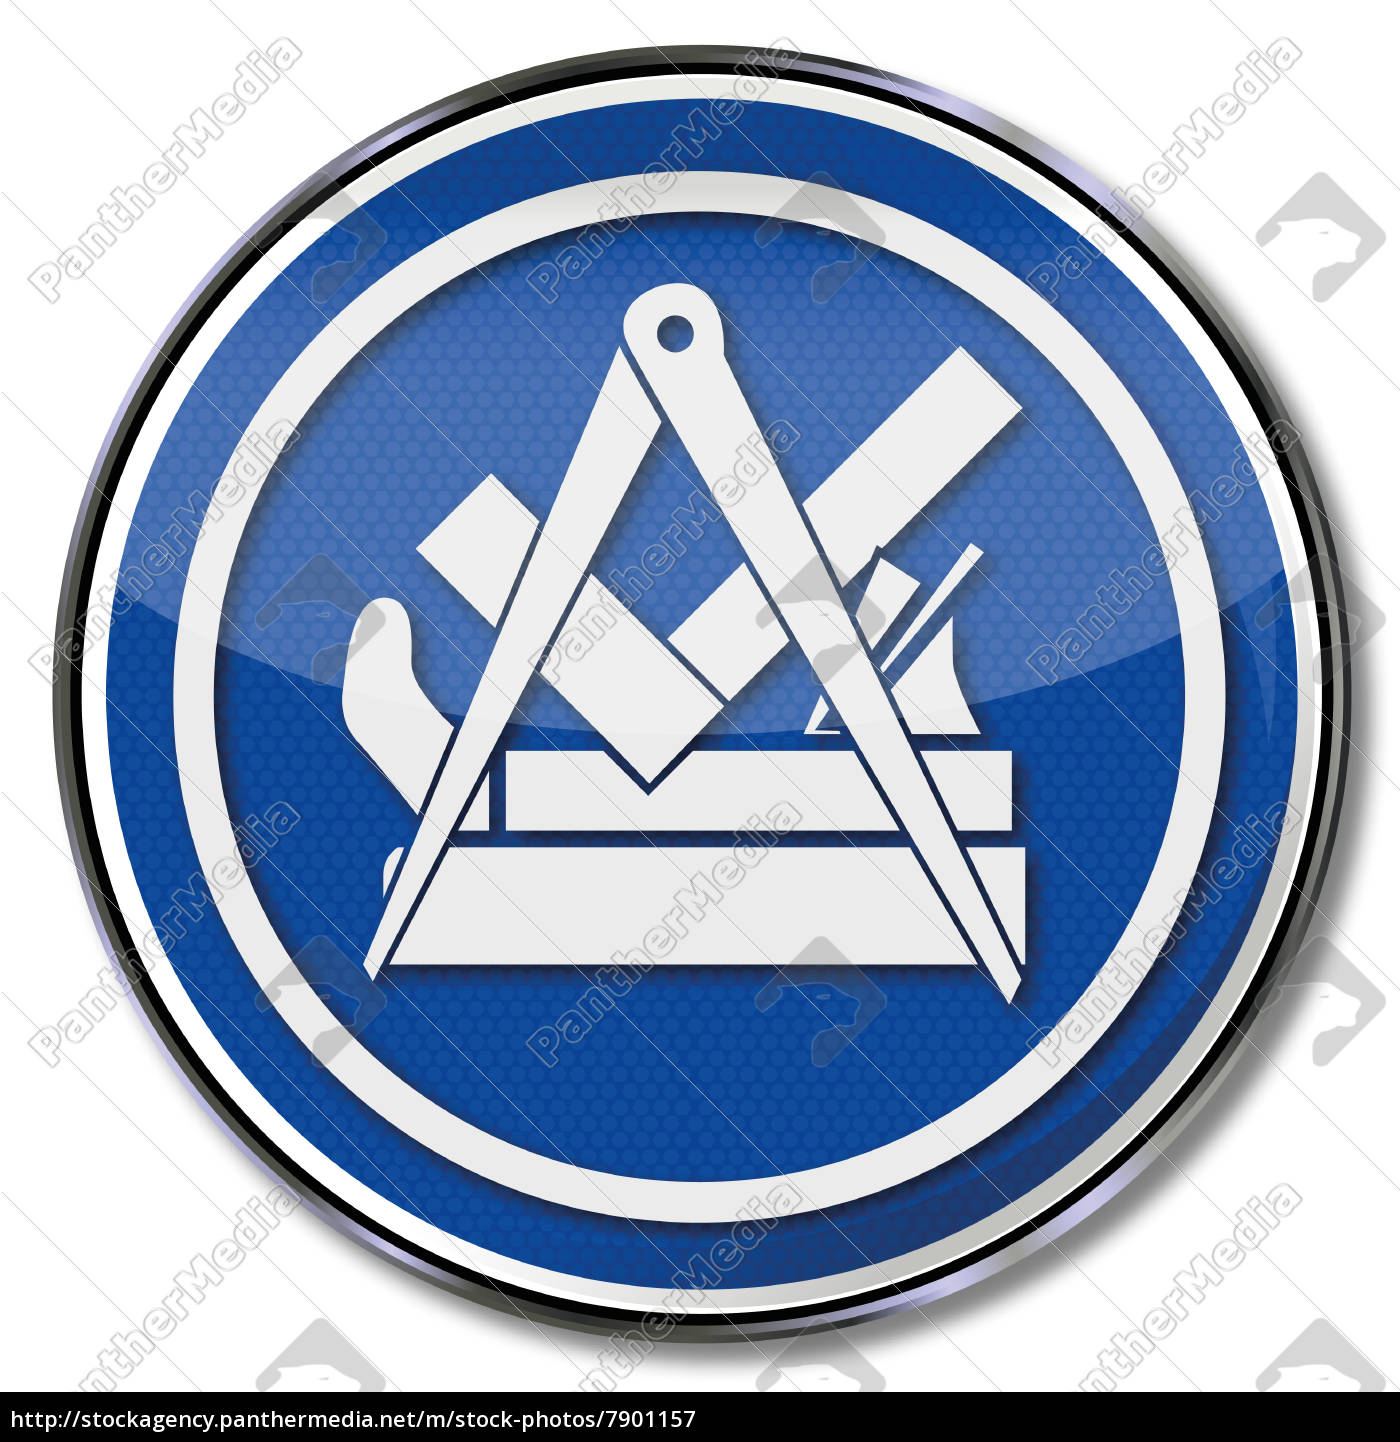 Tischler Zeichen zunftzeichen tischler stockfoto 7901157 bildagentur panthermedia